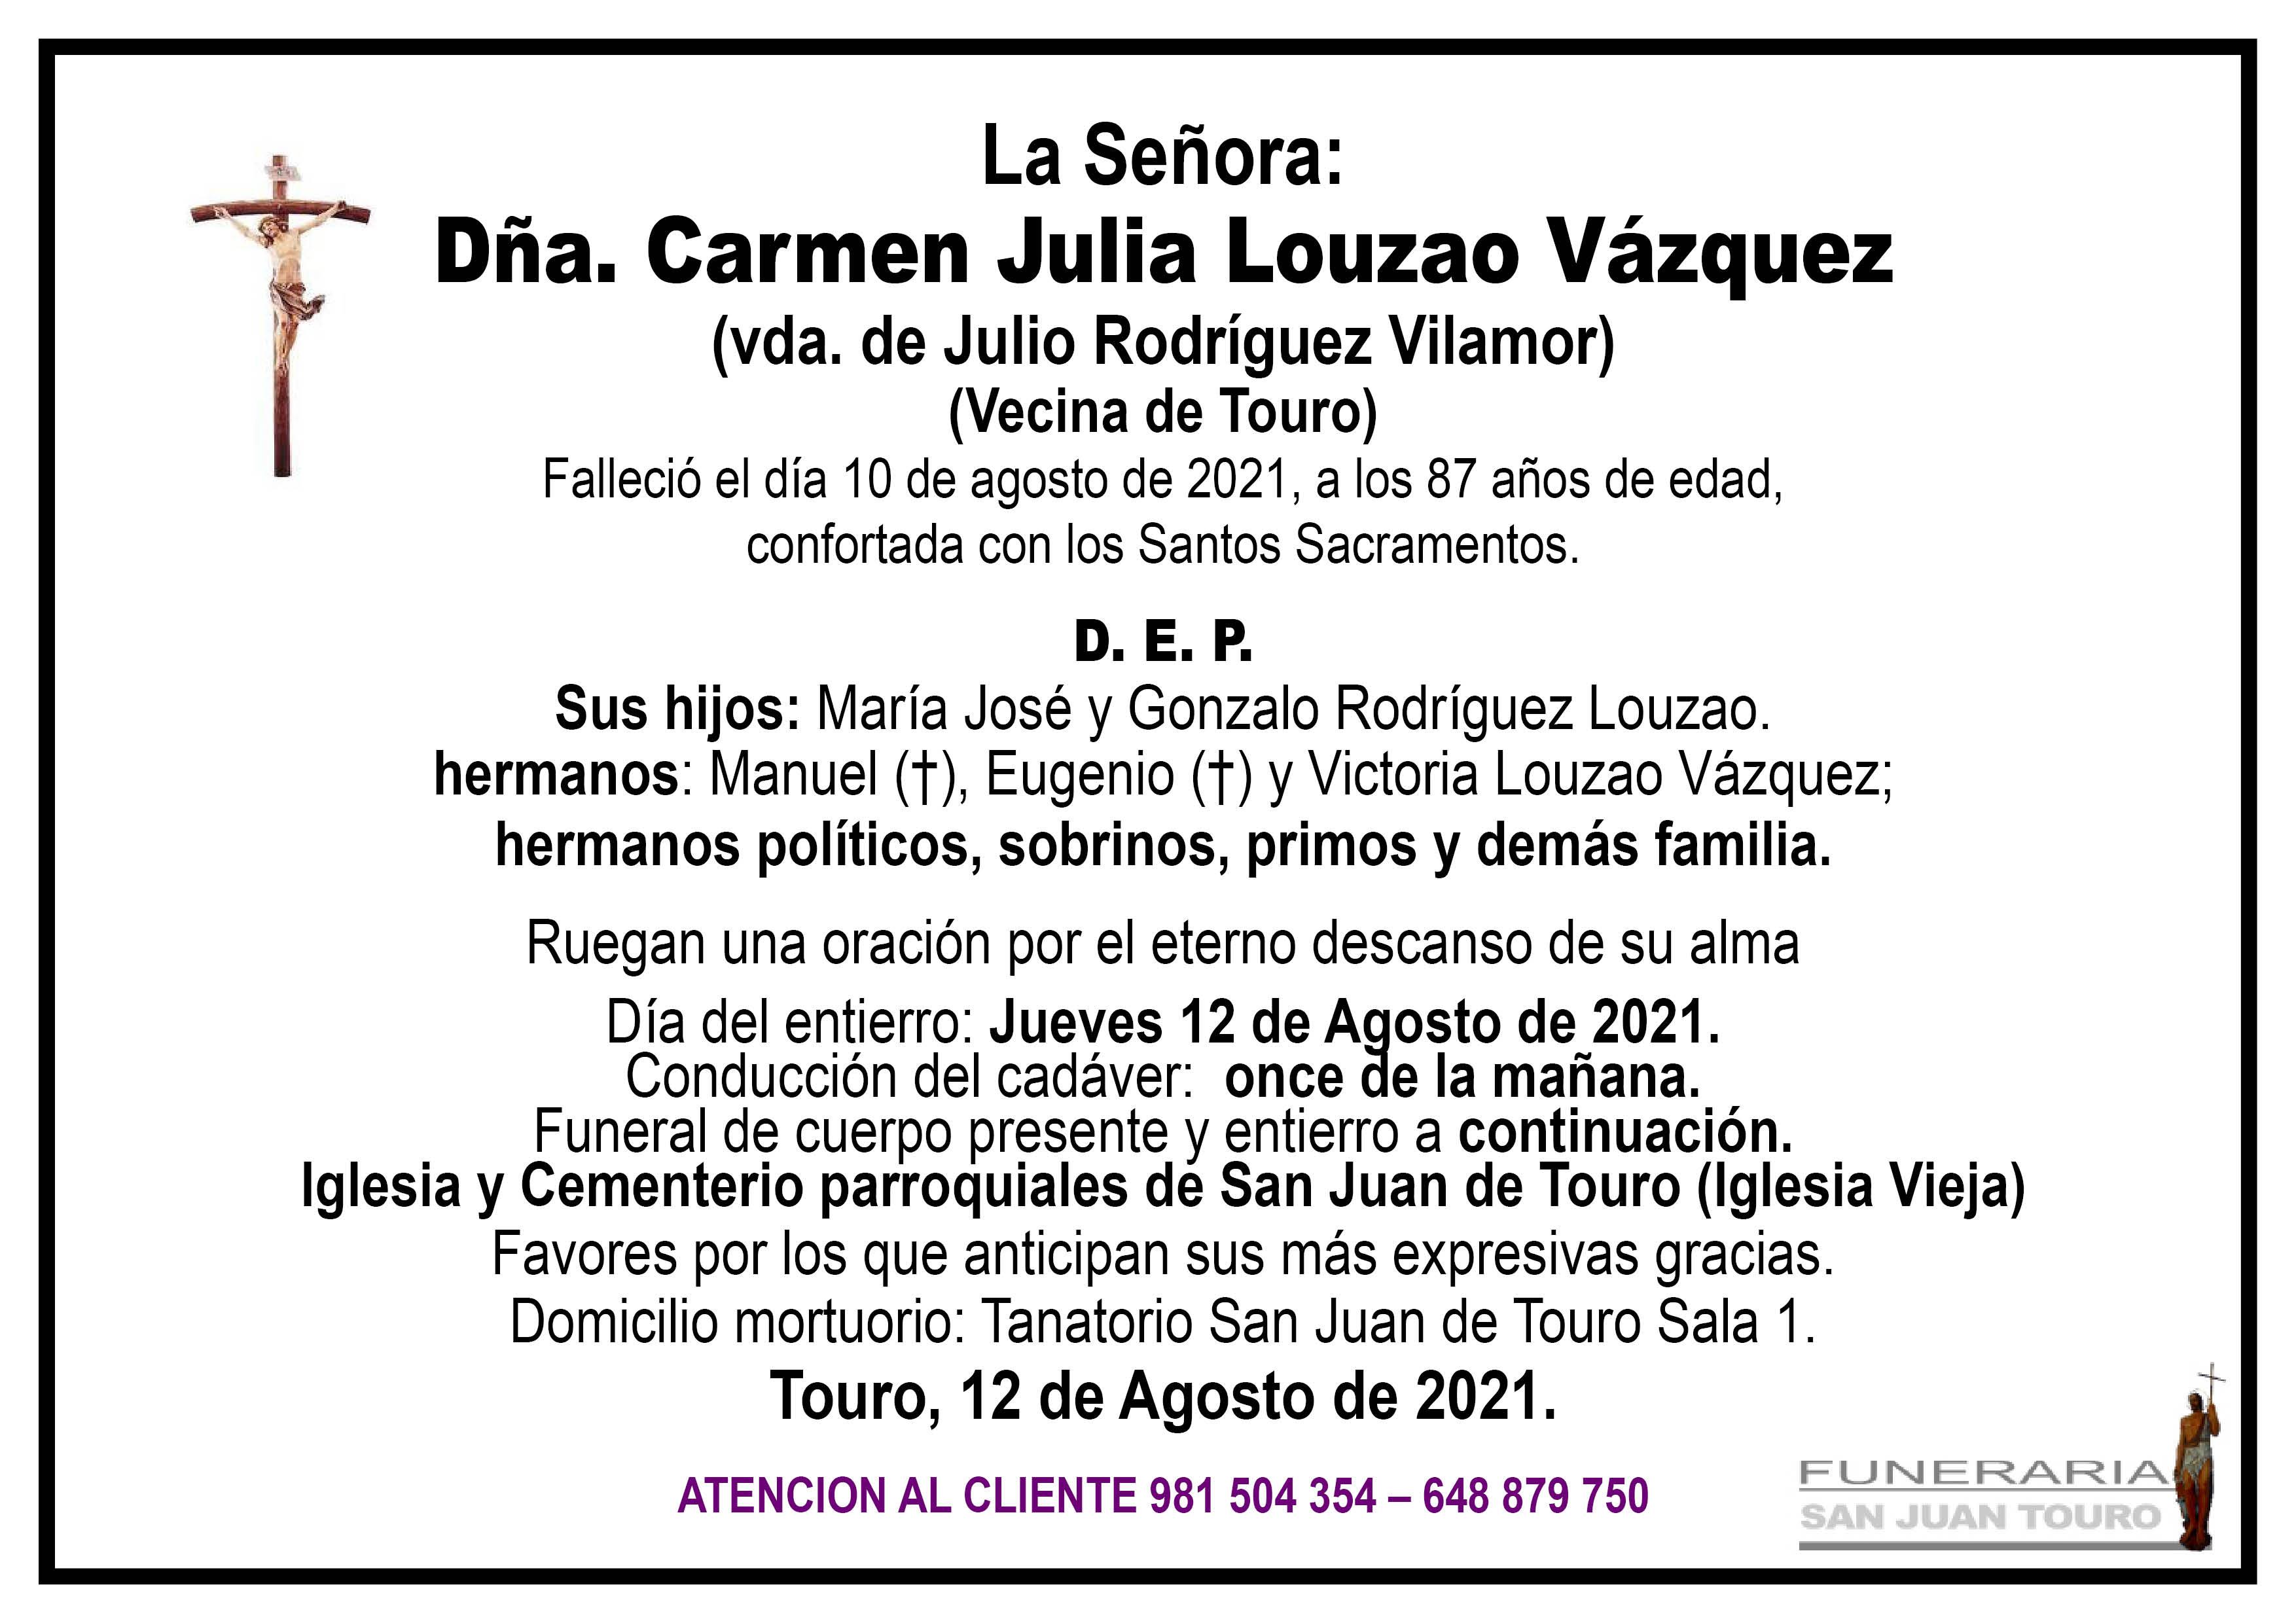 Esquela de SEPELIO DE DOÑA CARMEN JULIA LOUZAO VÁZQUEZ